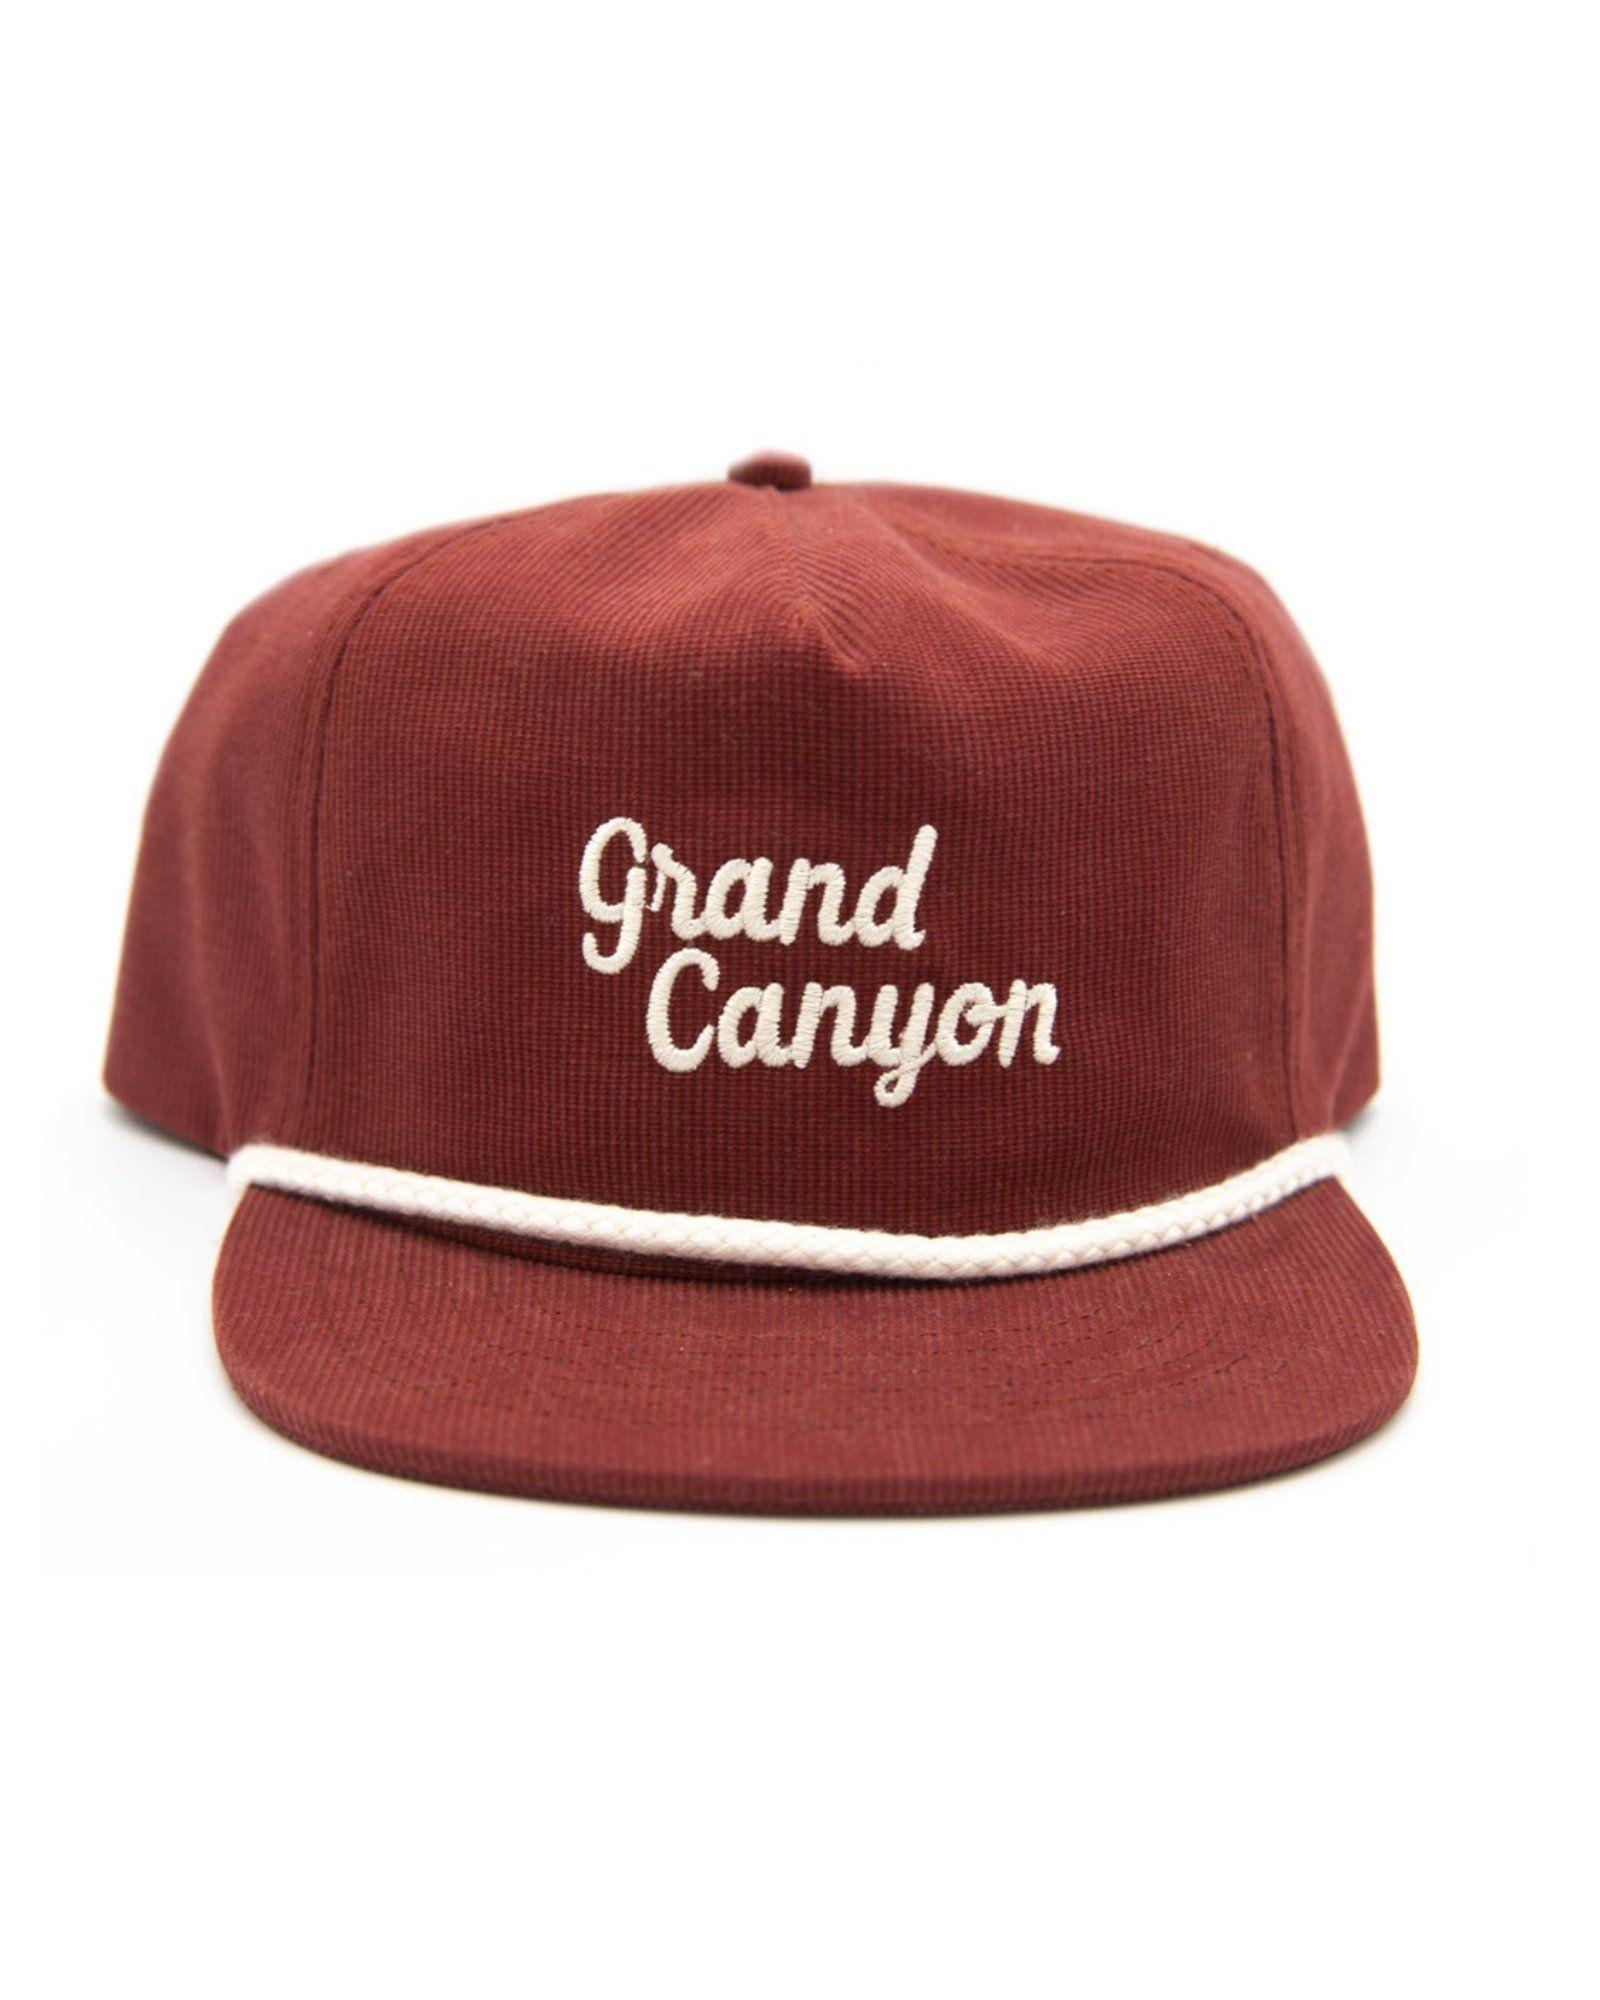 Grand Canyon Throwback Cord Hat #grandcanyon